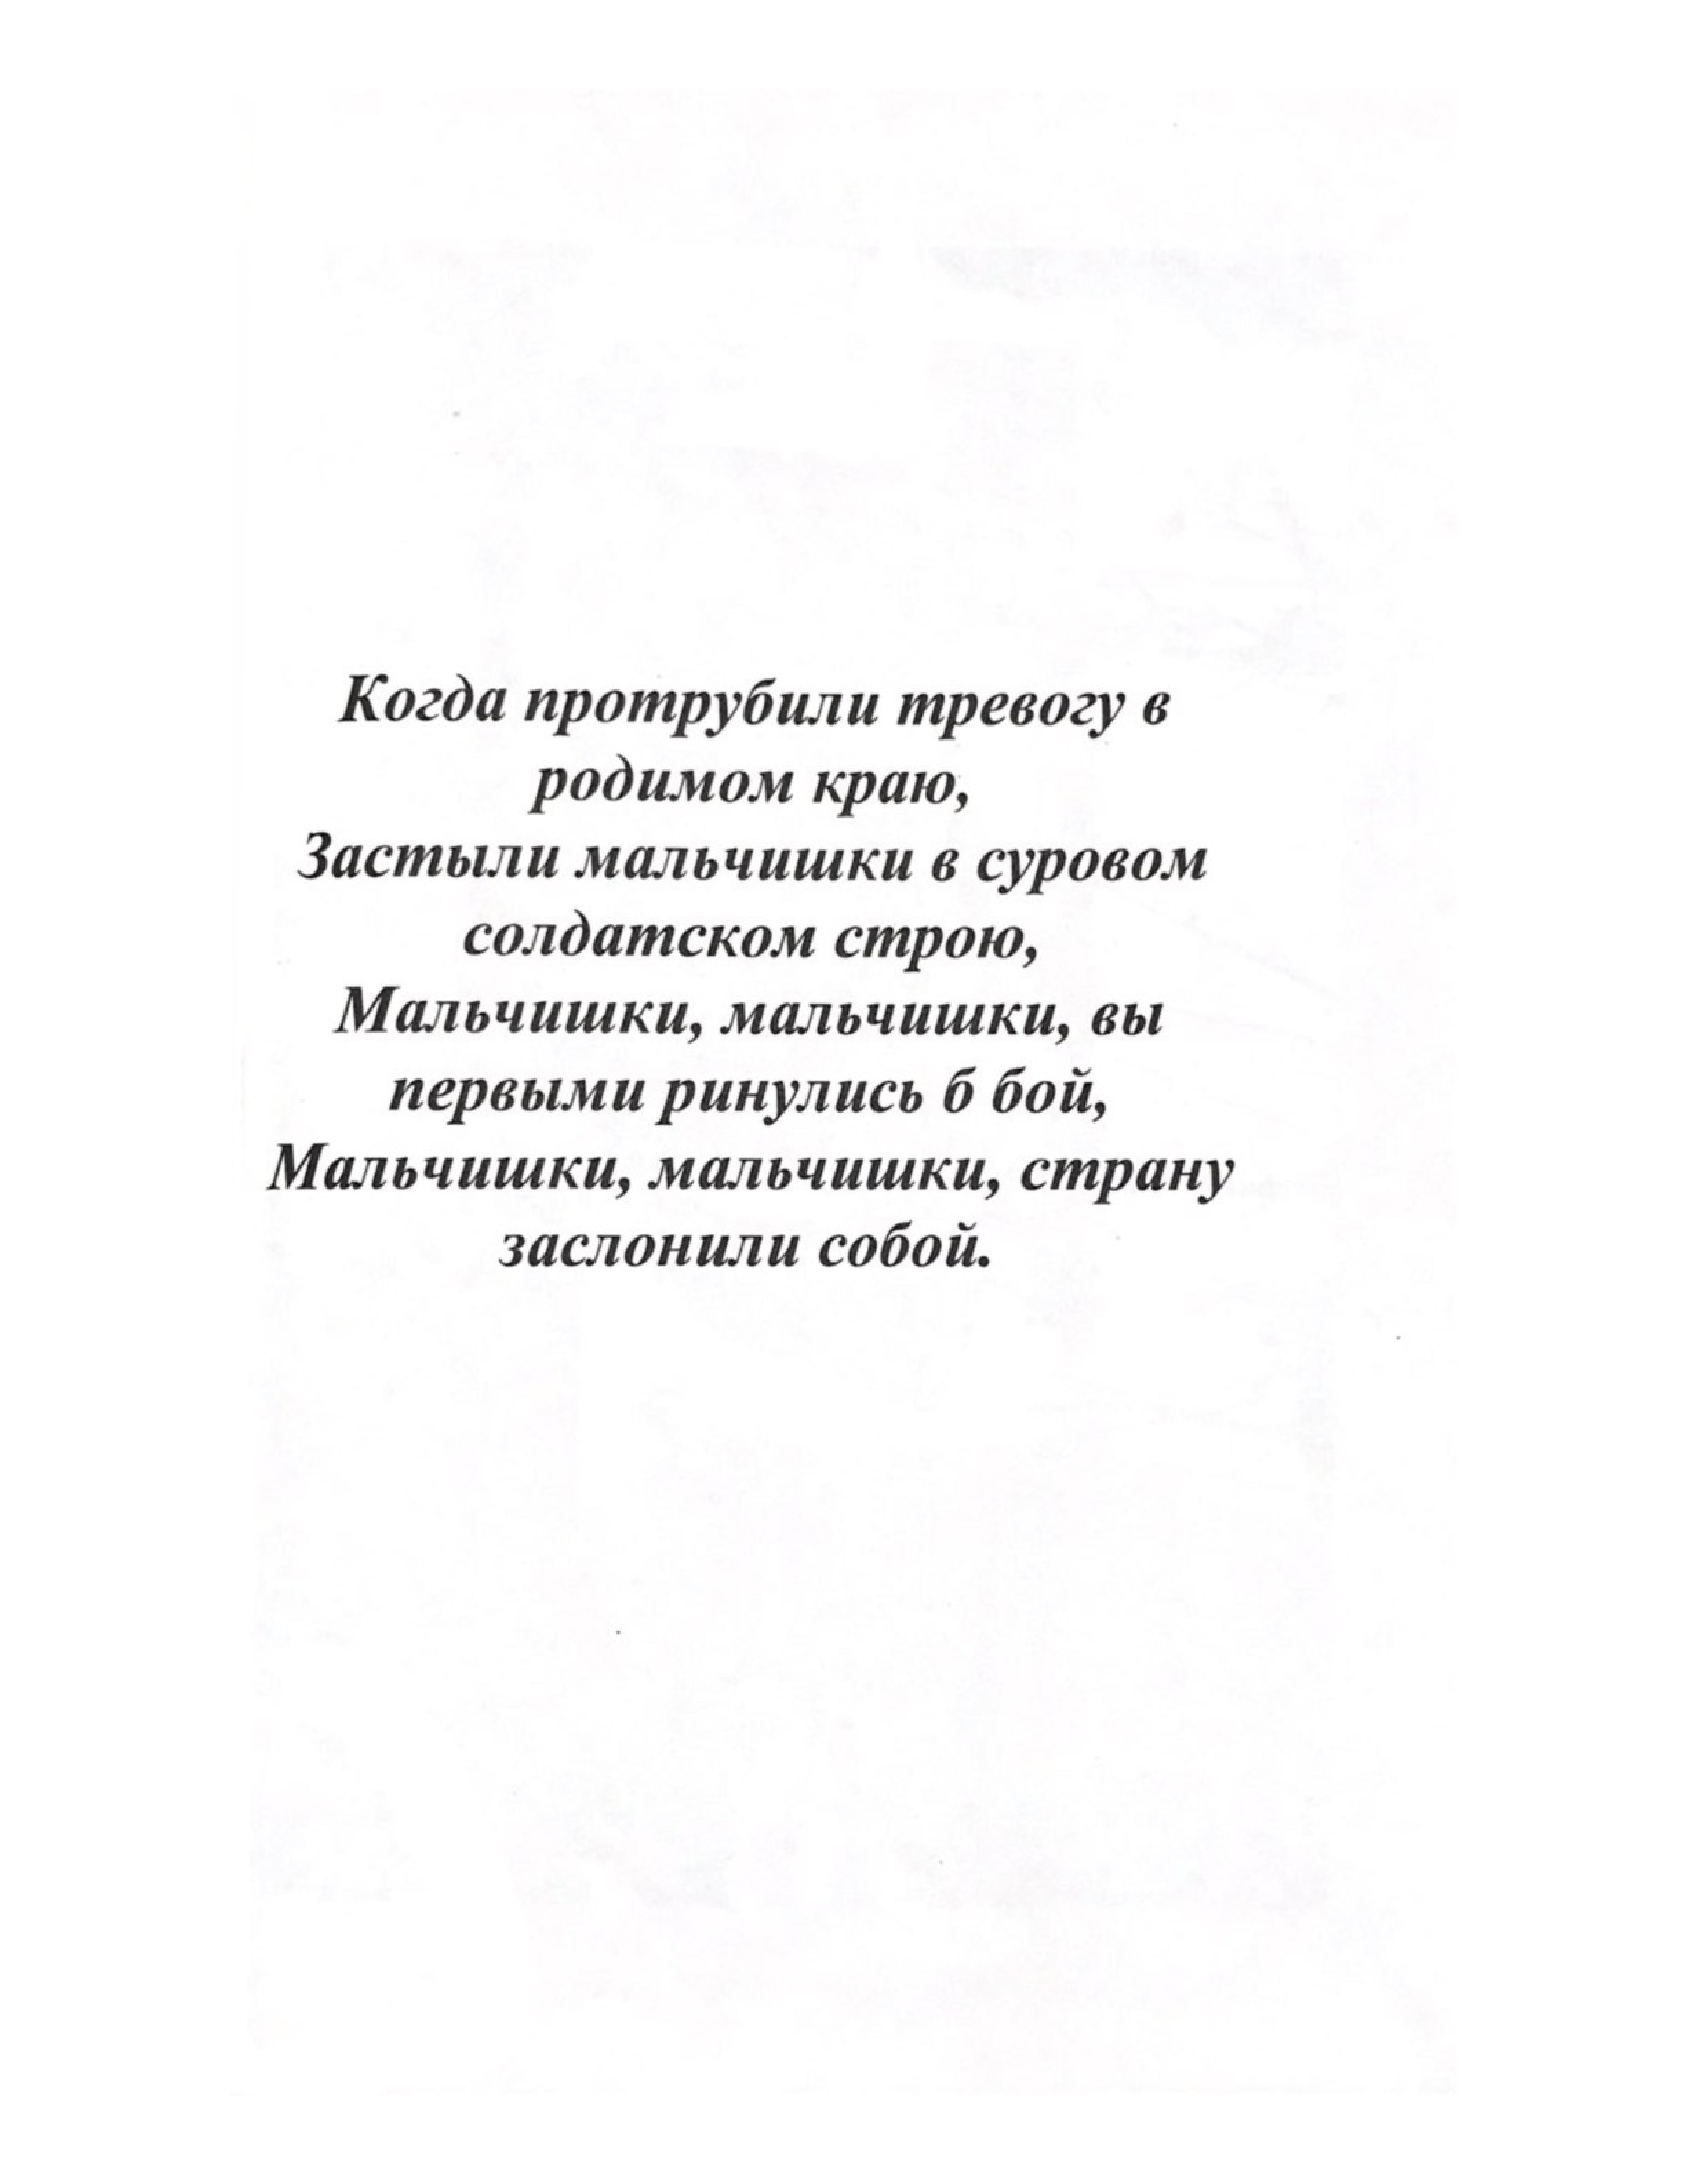 Kniga_006